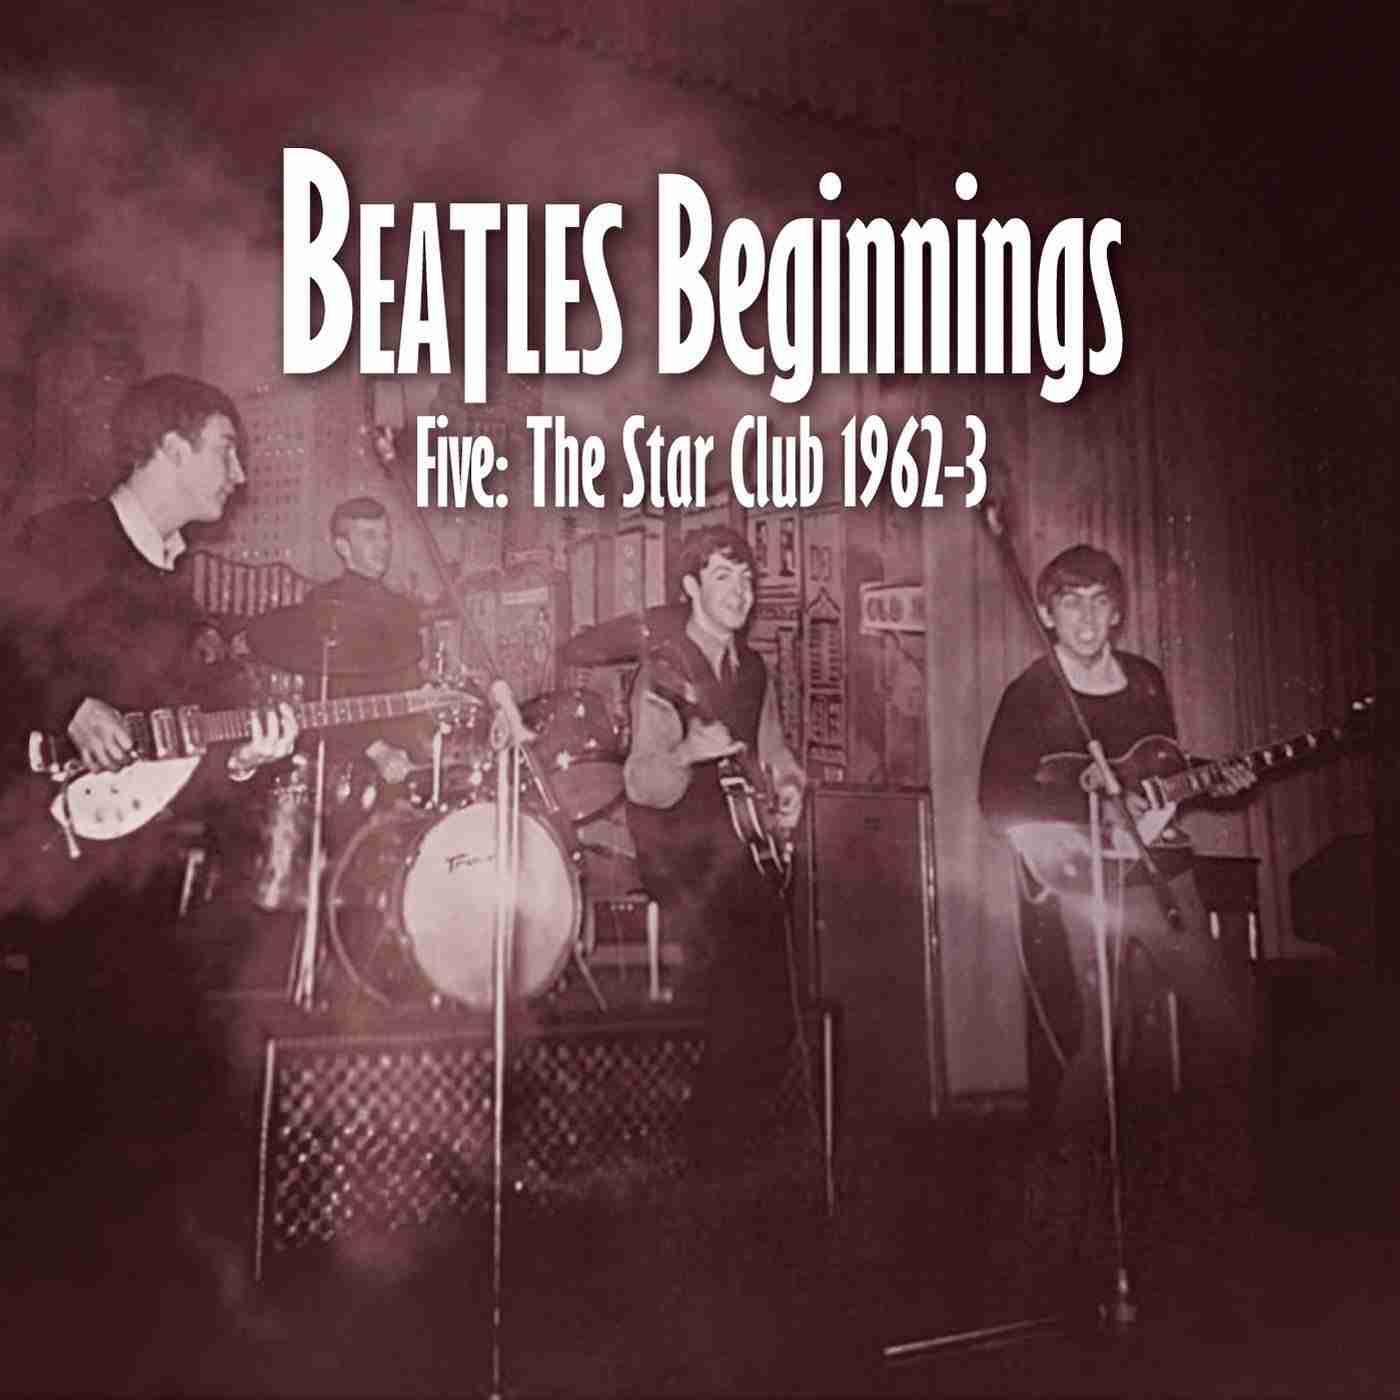 Beatles Beginnings Volume Five: The Star Club 1962-63